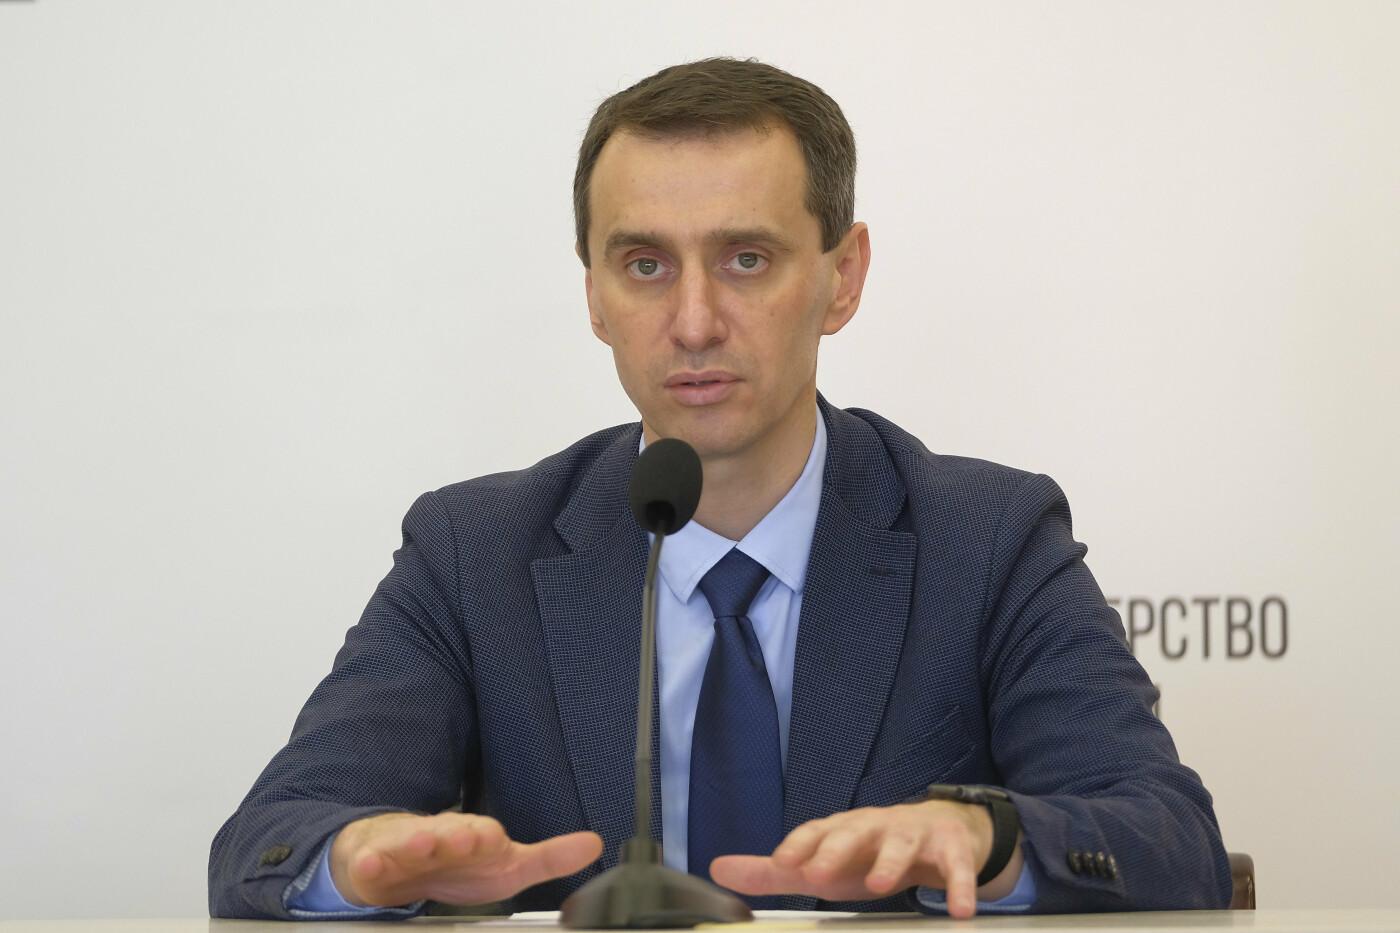 Виктор Ляшко — главный санврач Украины и заместитель главы Минздрава